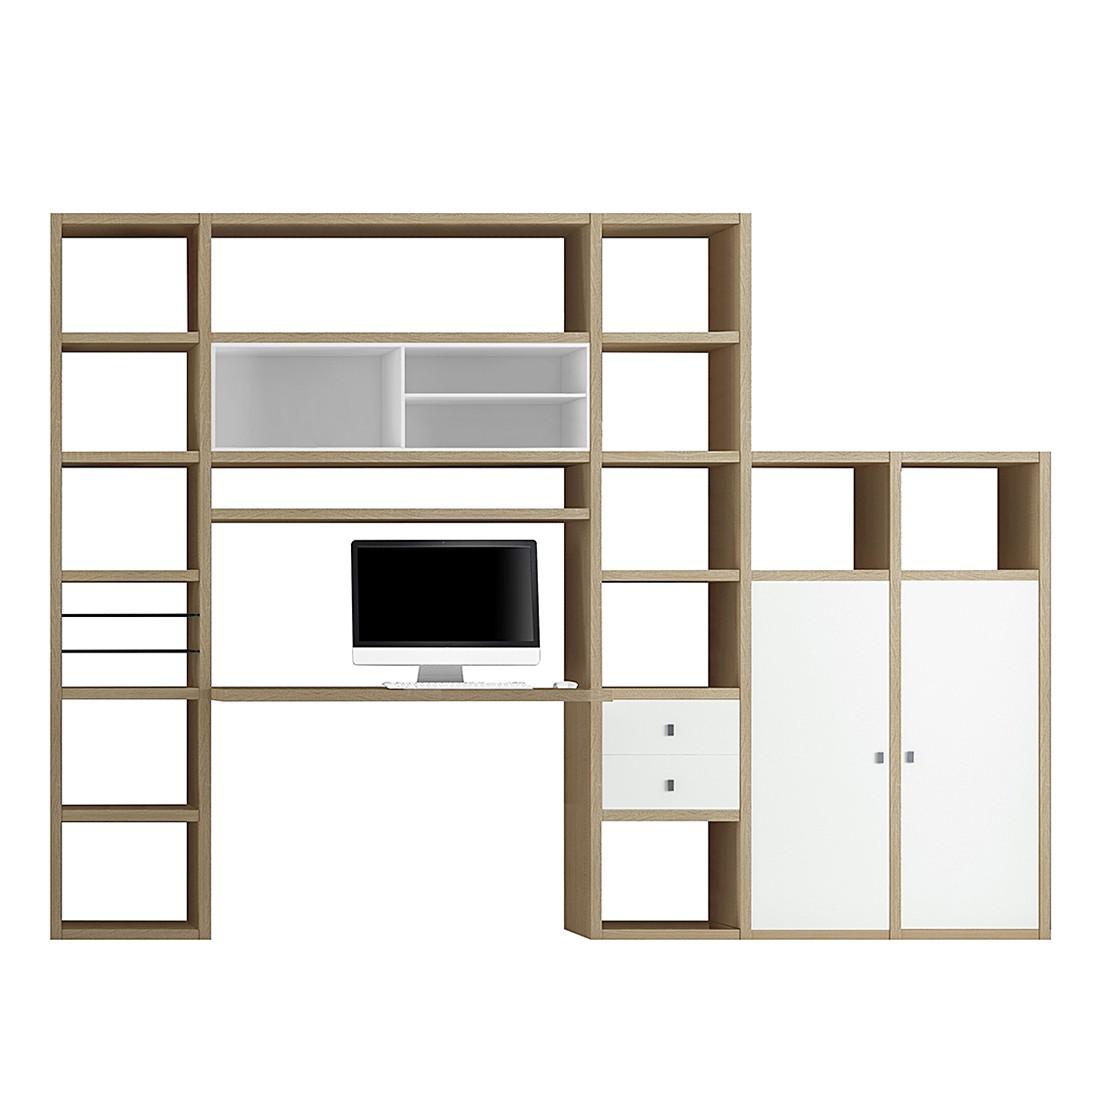 Wooncombinatie Emporior I - Wit/eikenhouten look, loftscape